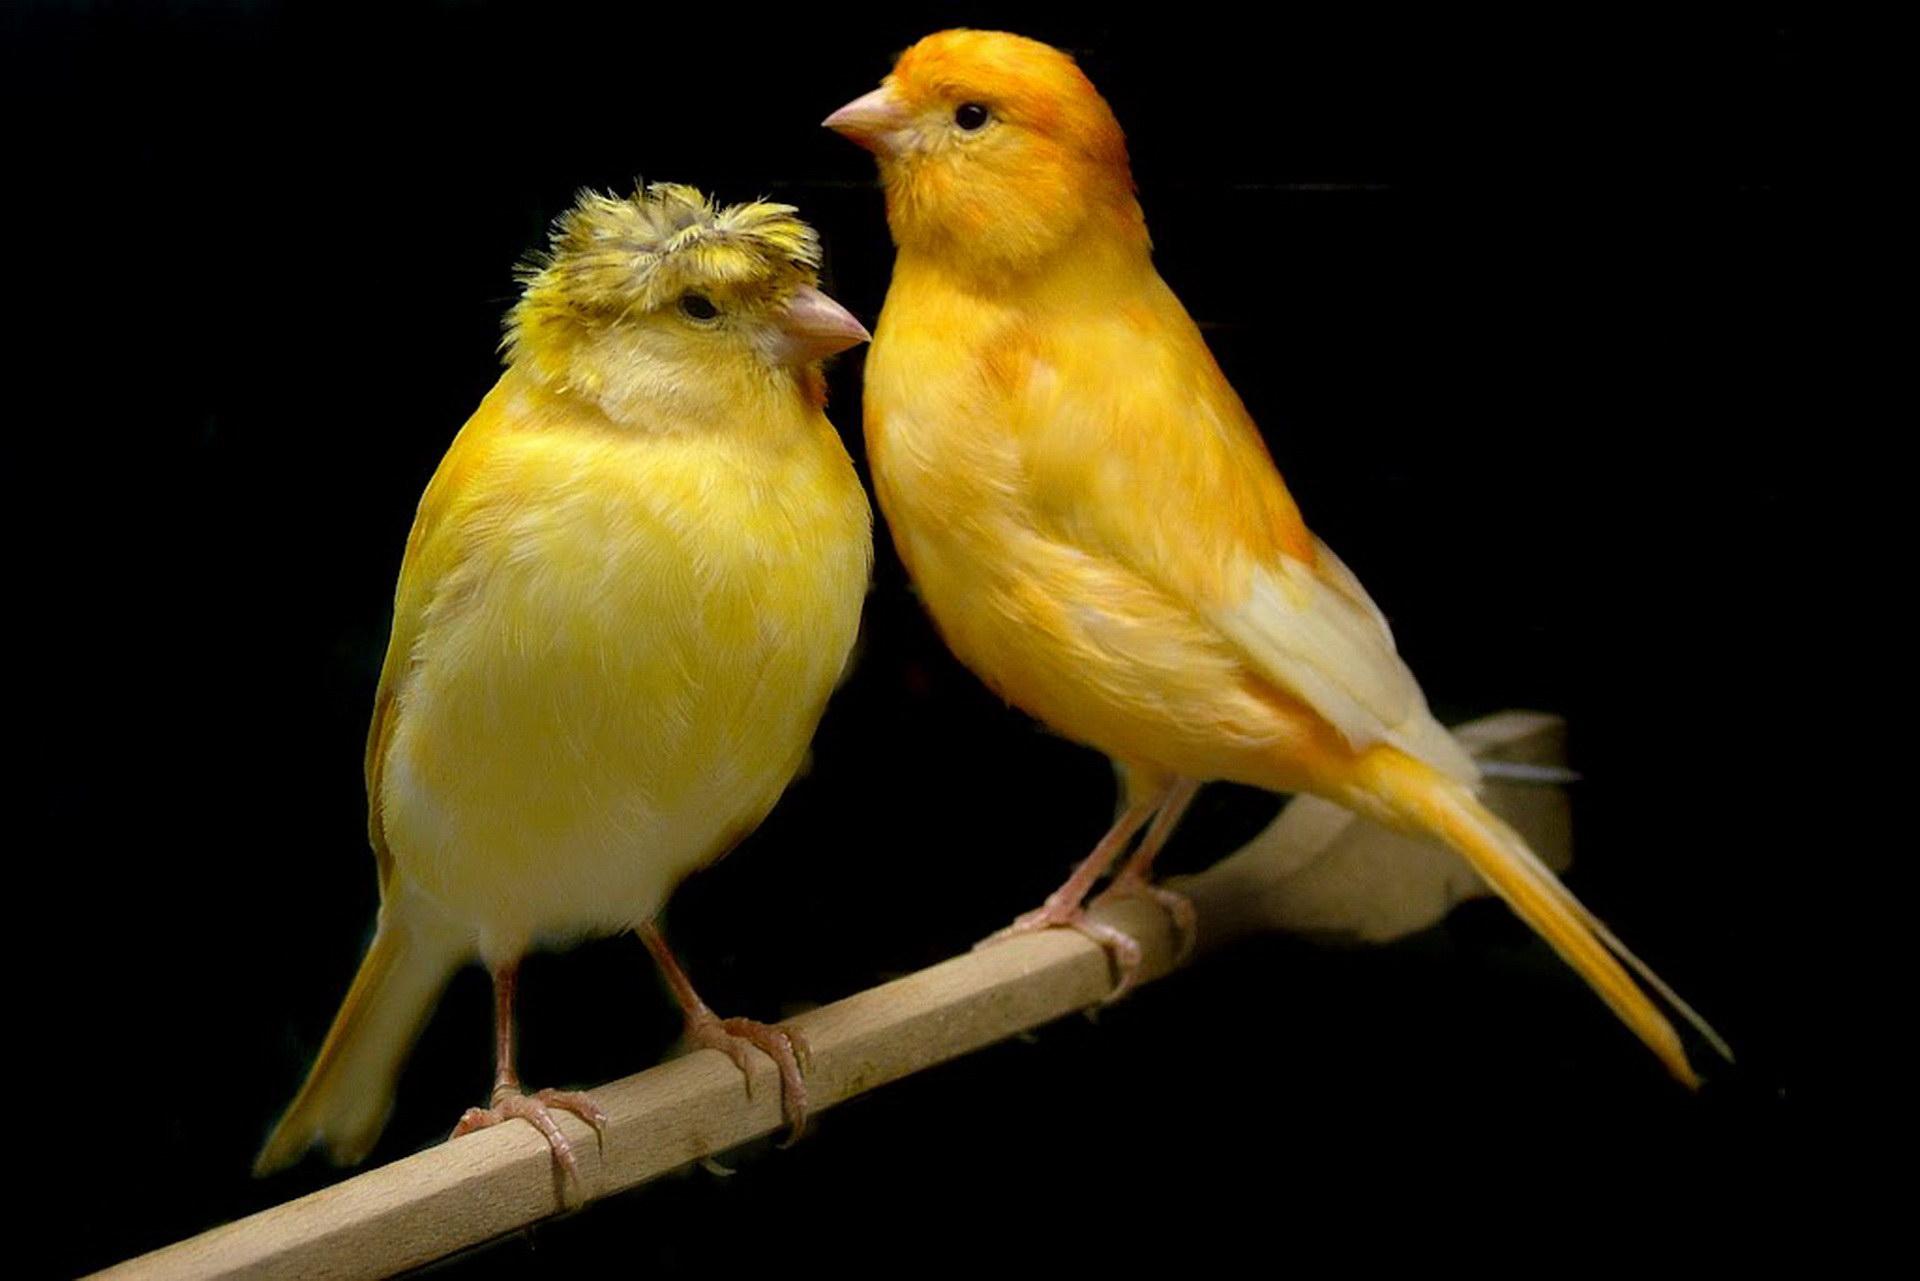 بالصور صوت عصافير كنارى , اجمل الطيور والصوت العزب 373